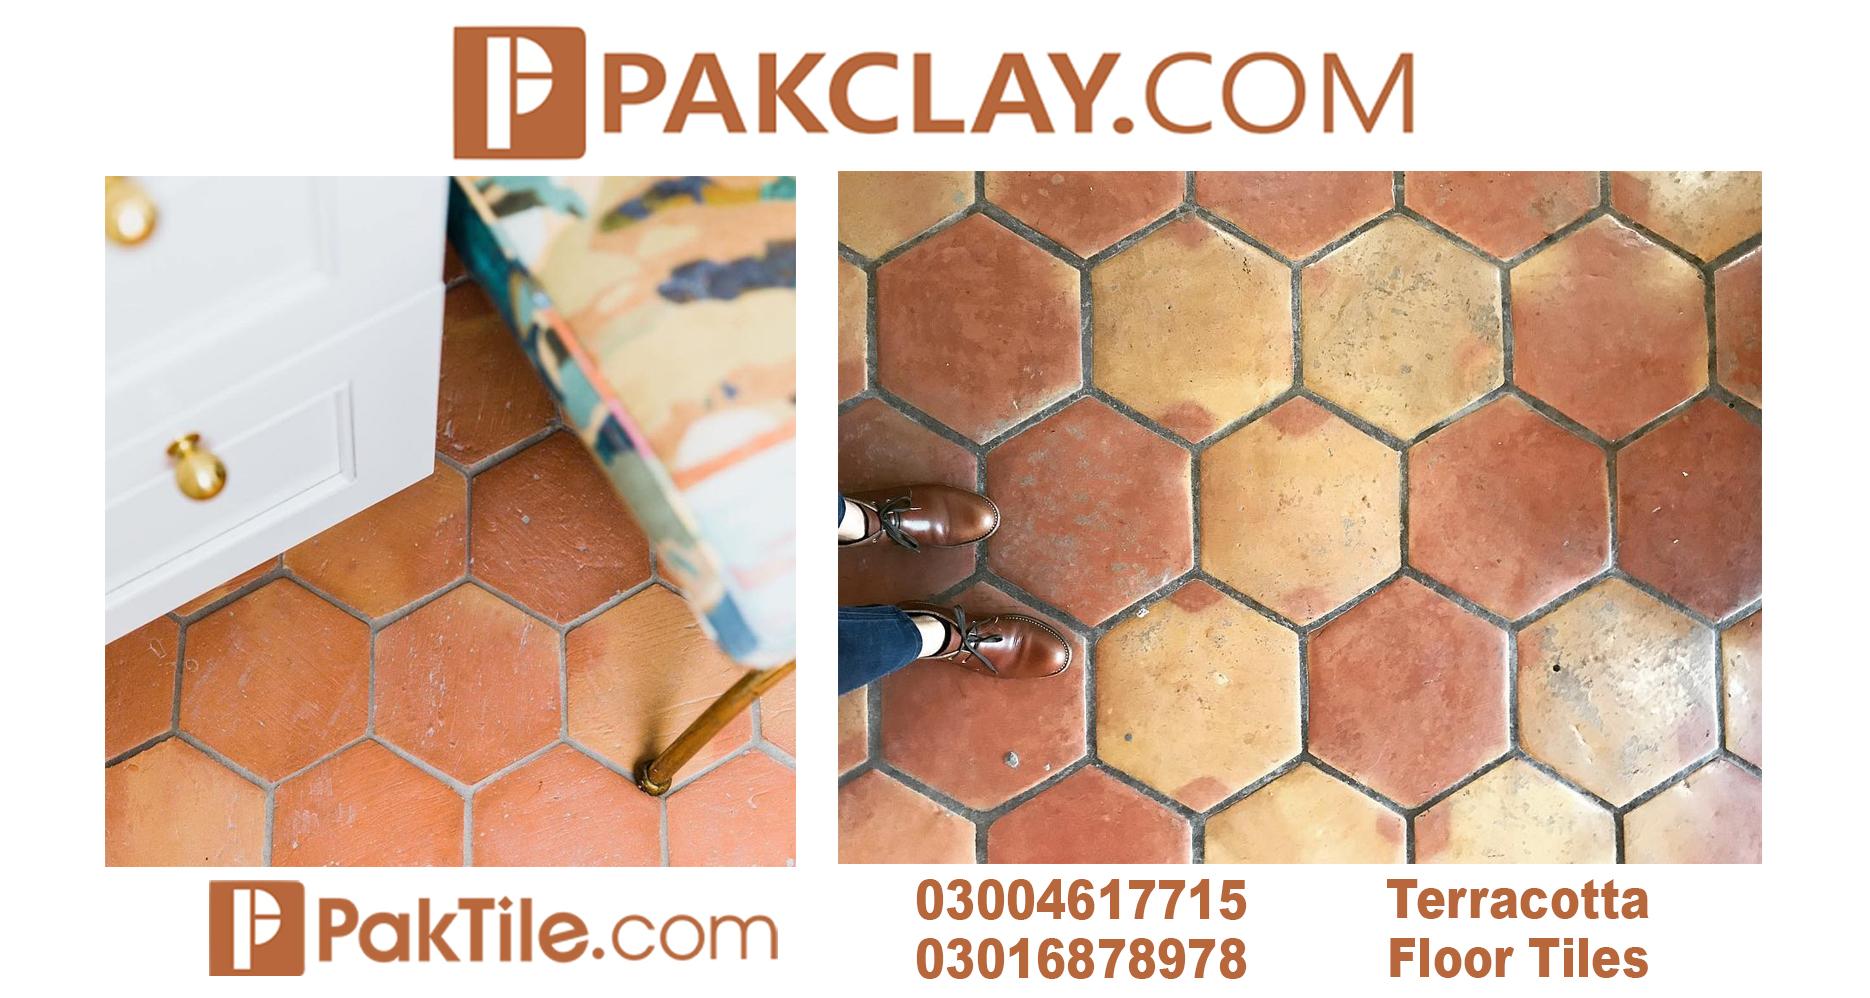 31 Terracotta Floor Tiles in Pakistan